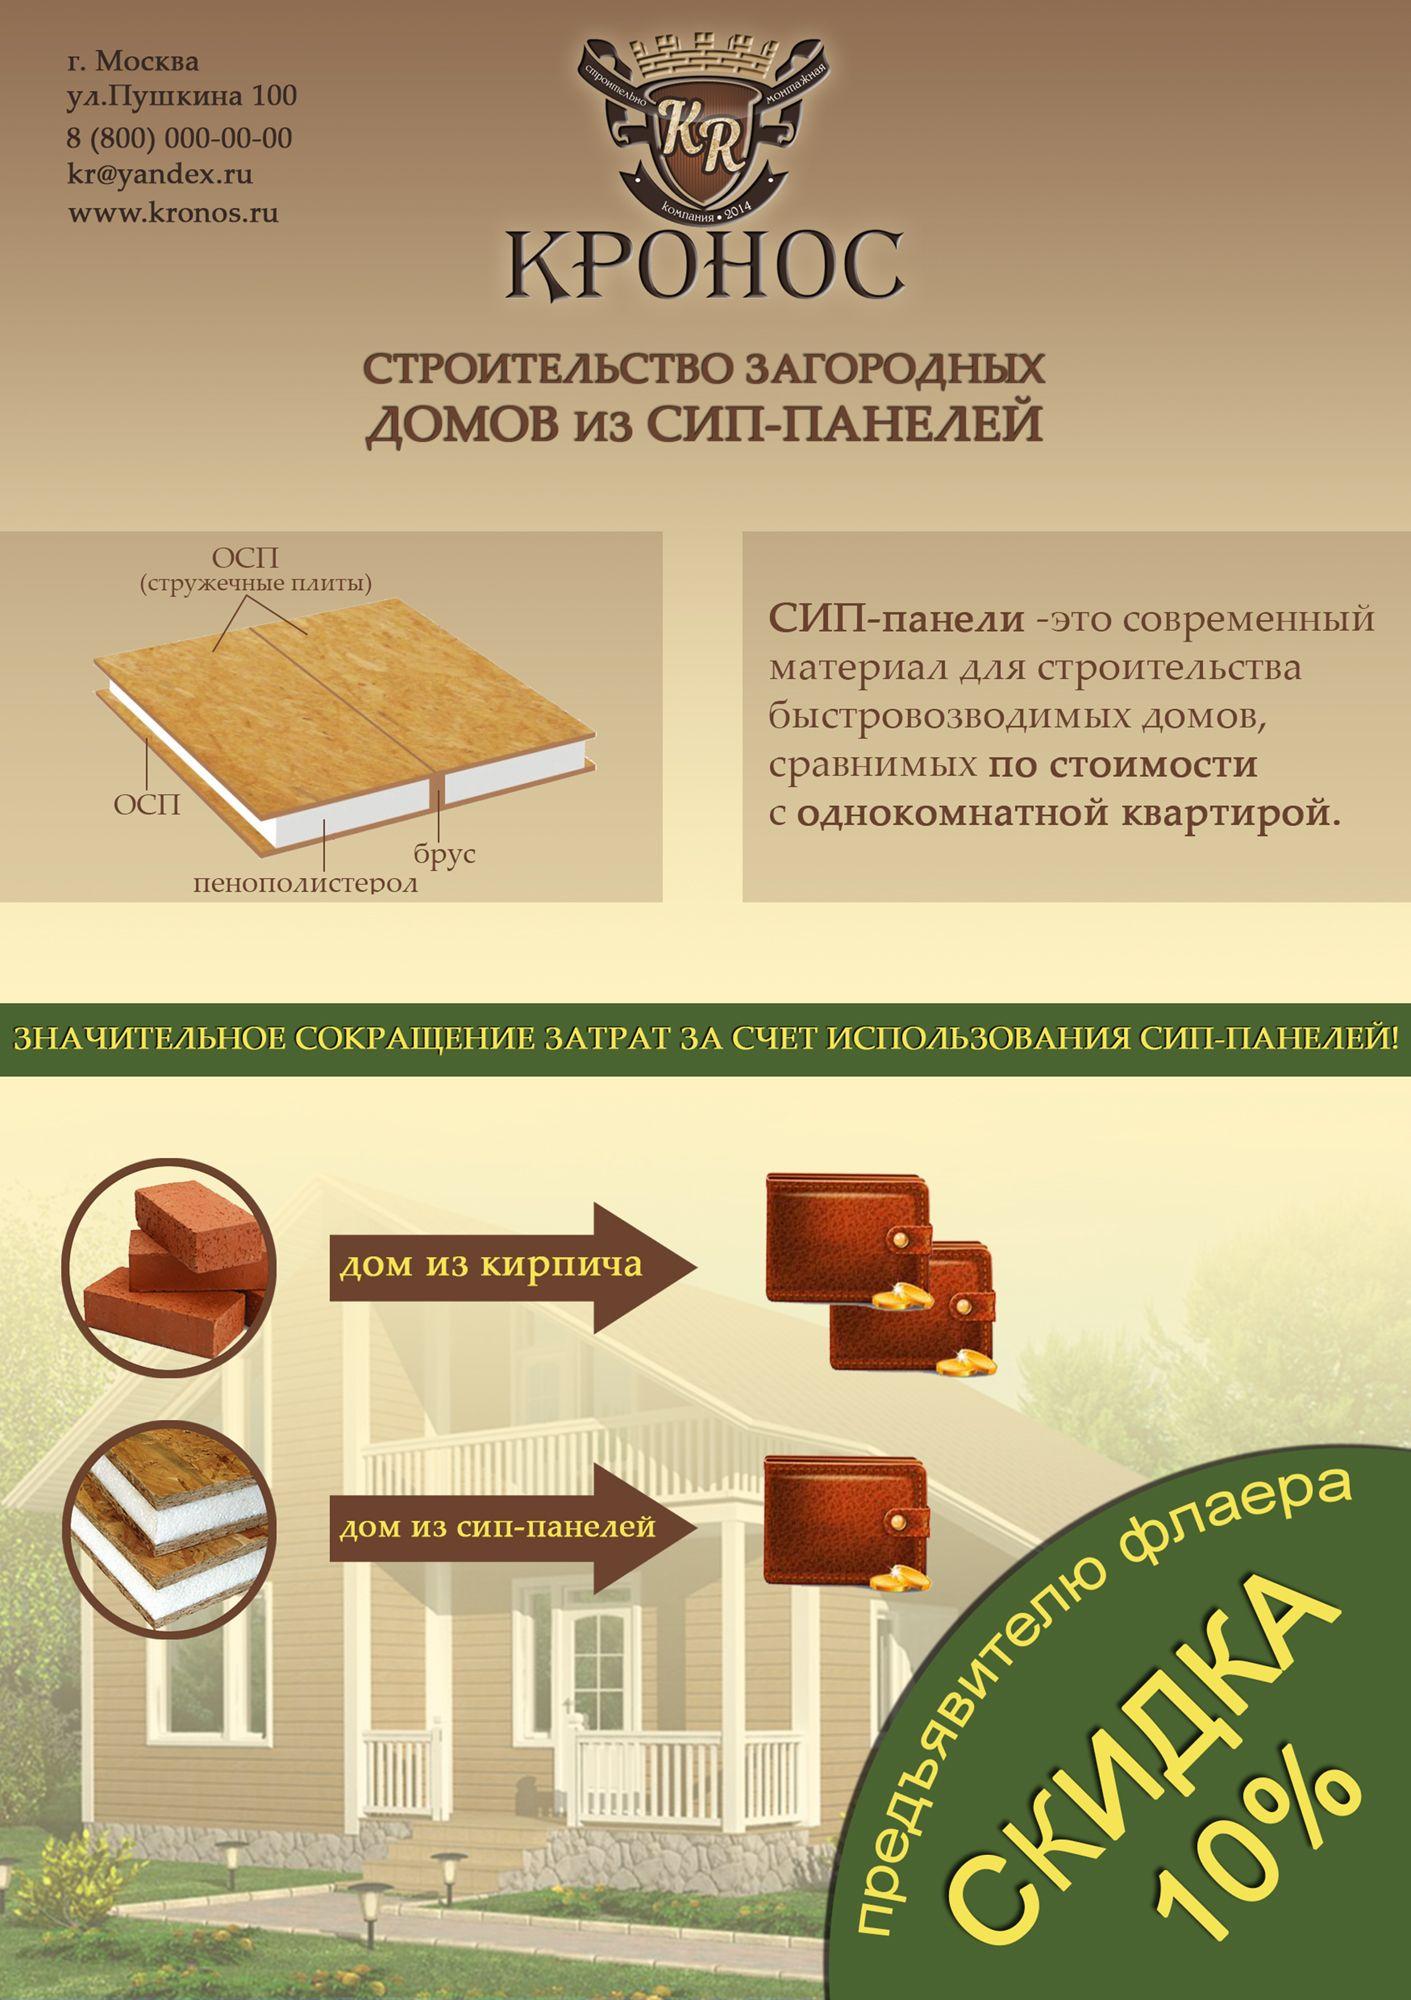 Дизайн листовки для рекламы строительной компании - дизайнер anturage23